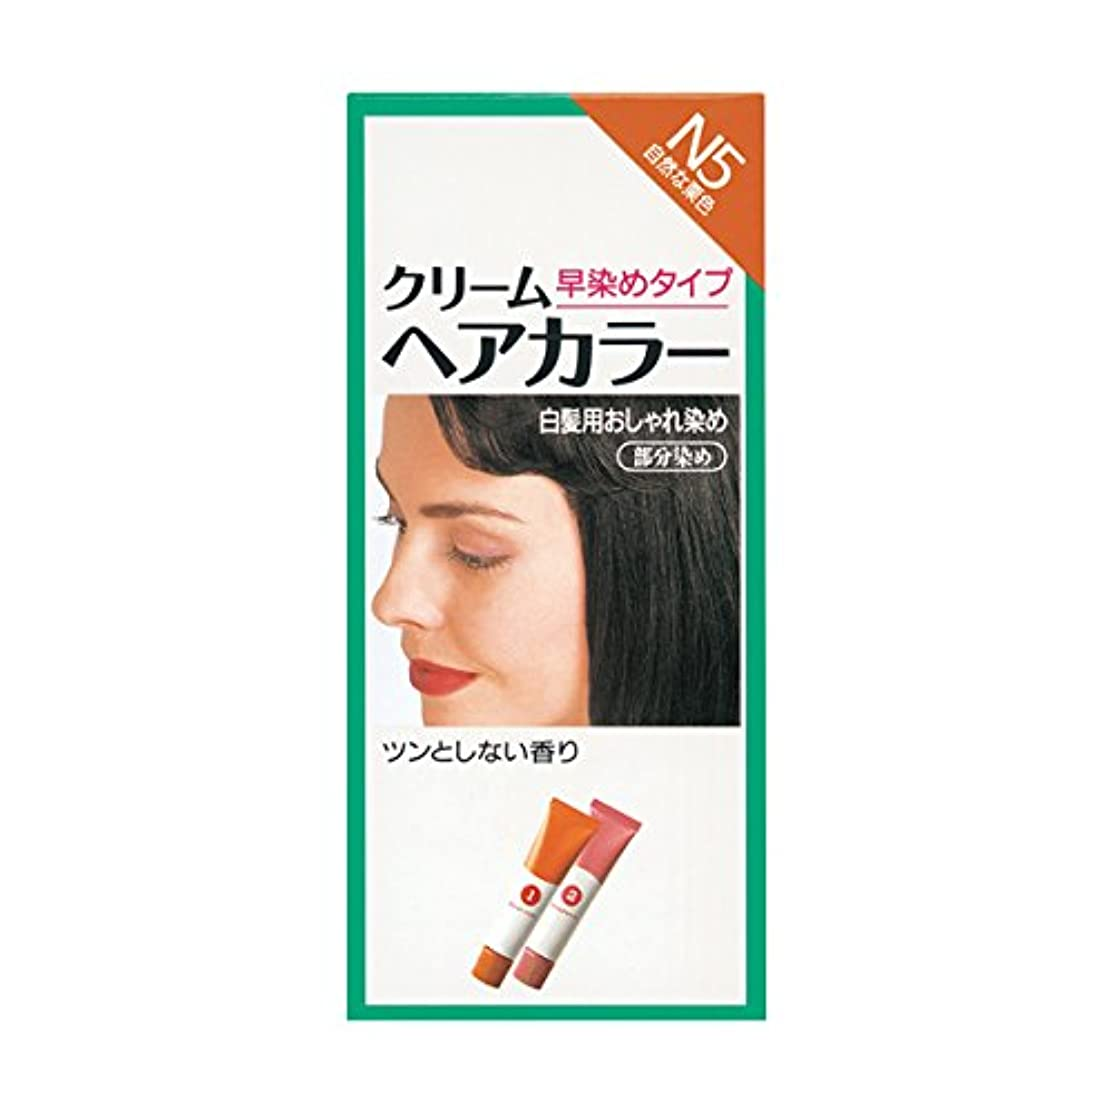 インターネット承認花弁ヘアカラー クリームヘアカラーN N5 【医薬部外品】